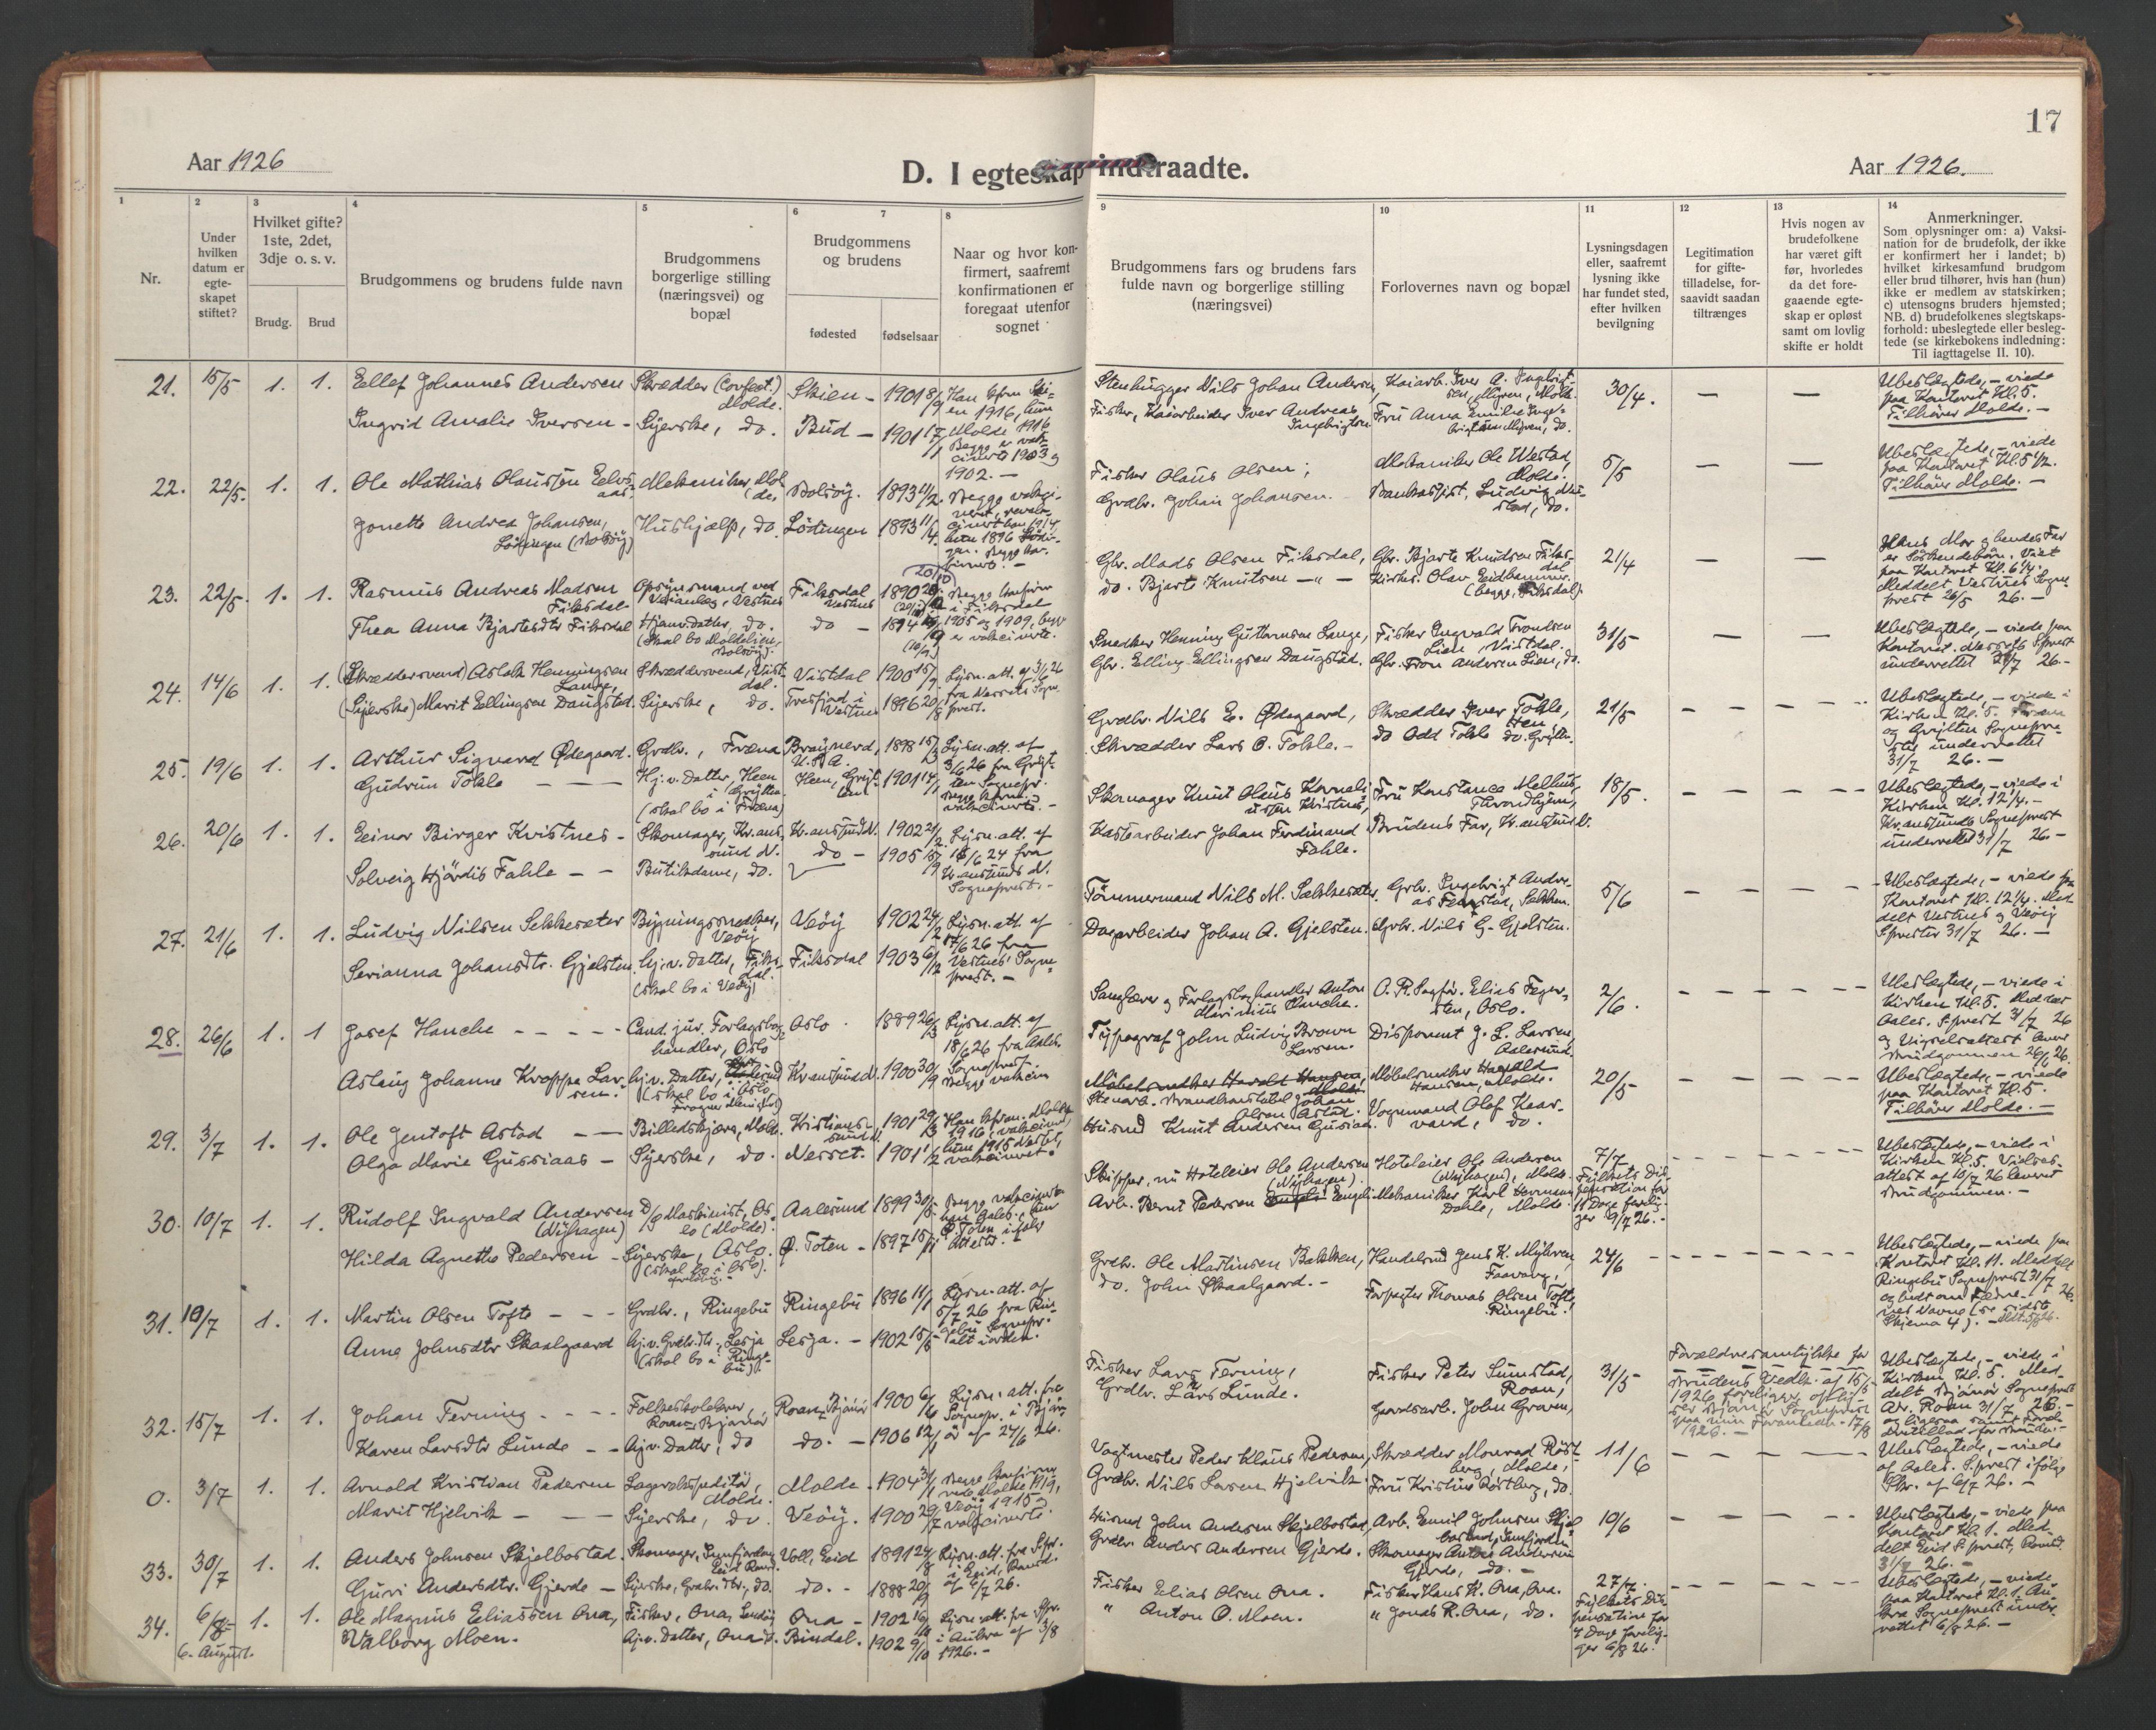 SAT, Ministerialprotokoller, klokkerbøker og fødselsregistre - Møre og Romsdal, 558/L0698: Ministerialbok nr. 558A12, 1922-1937, s. 17